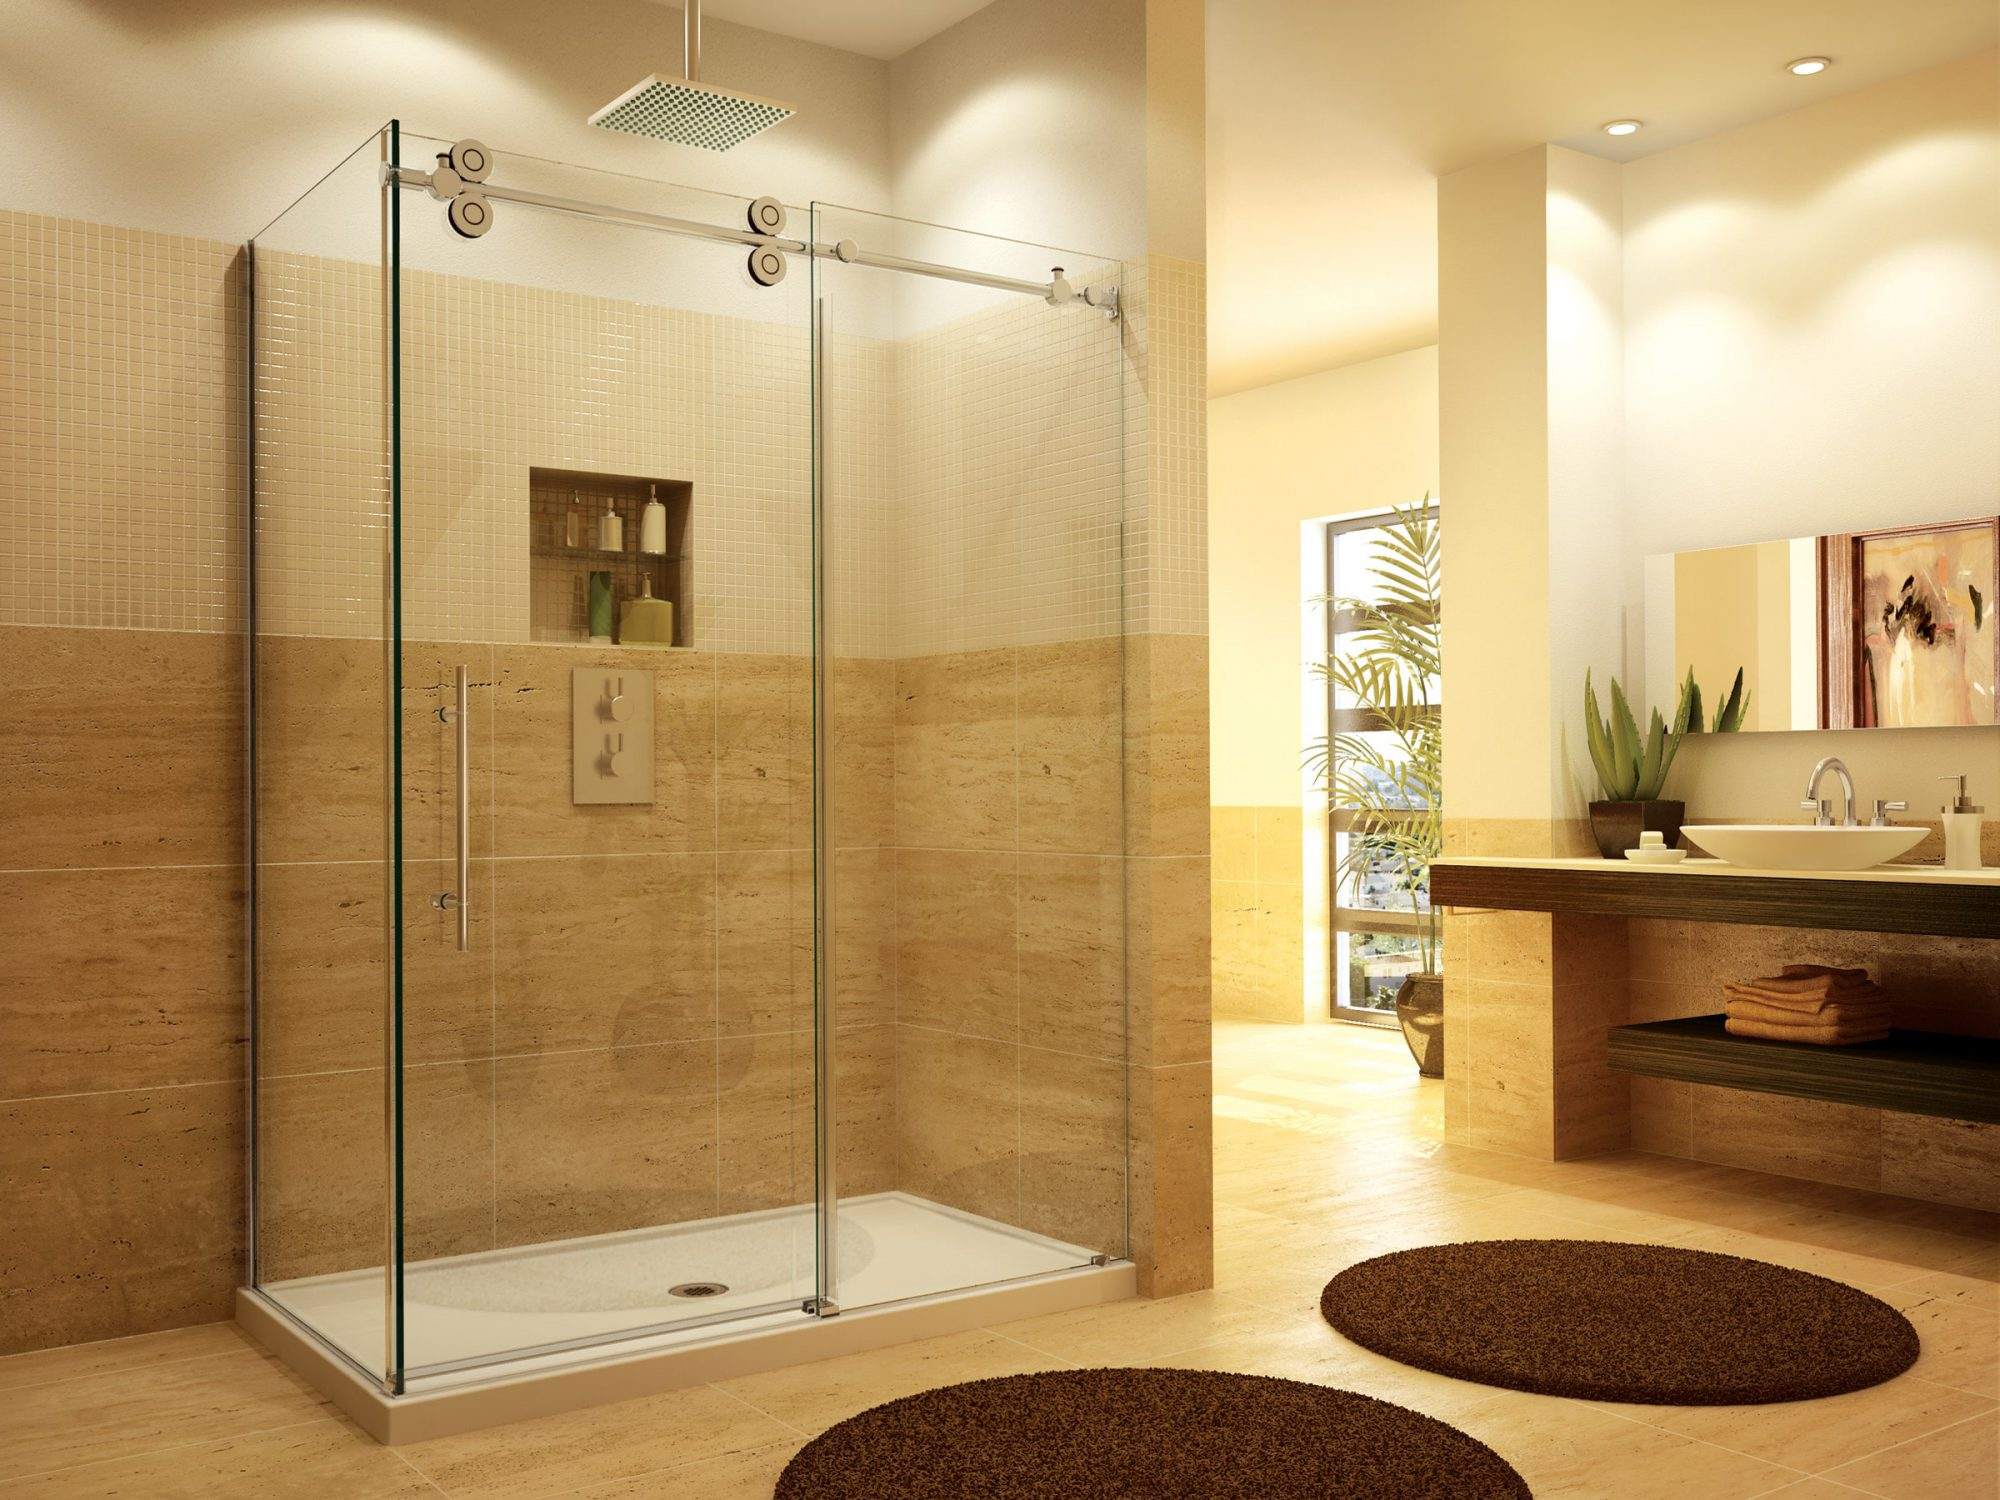 Shower Doors | All Glass Center